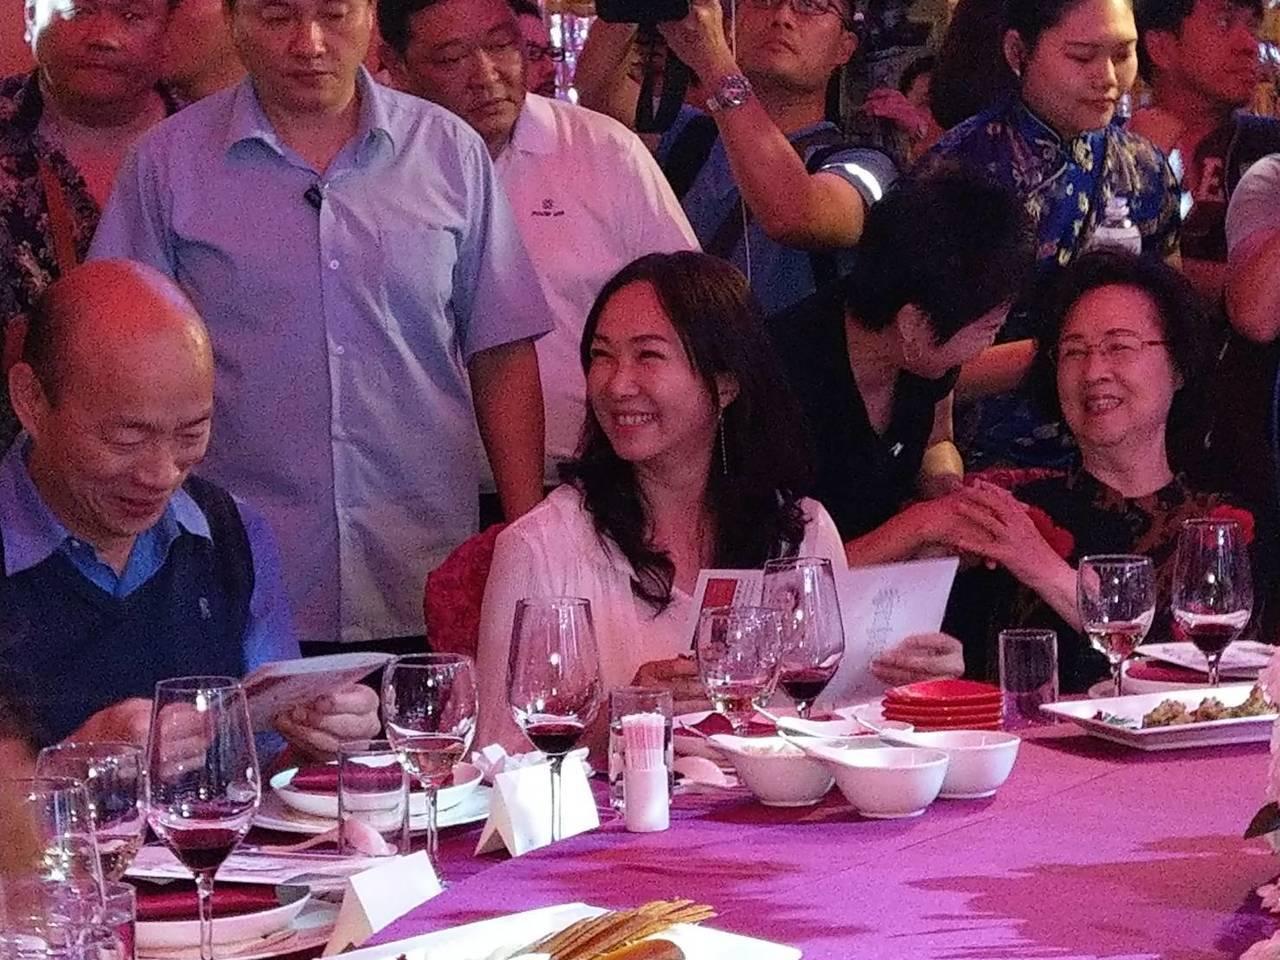 高雄市長韓國瑜的夫人李佳芬今晚在瓊瑤宴中,「被人被開槍的感覺很不舒服」,各方解讀...